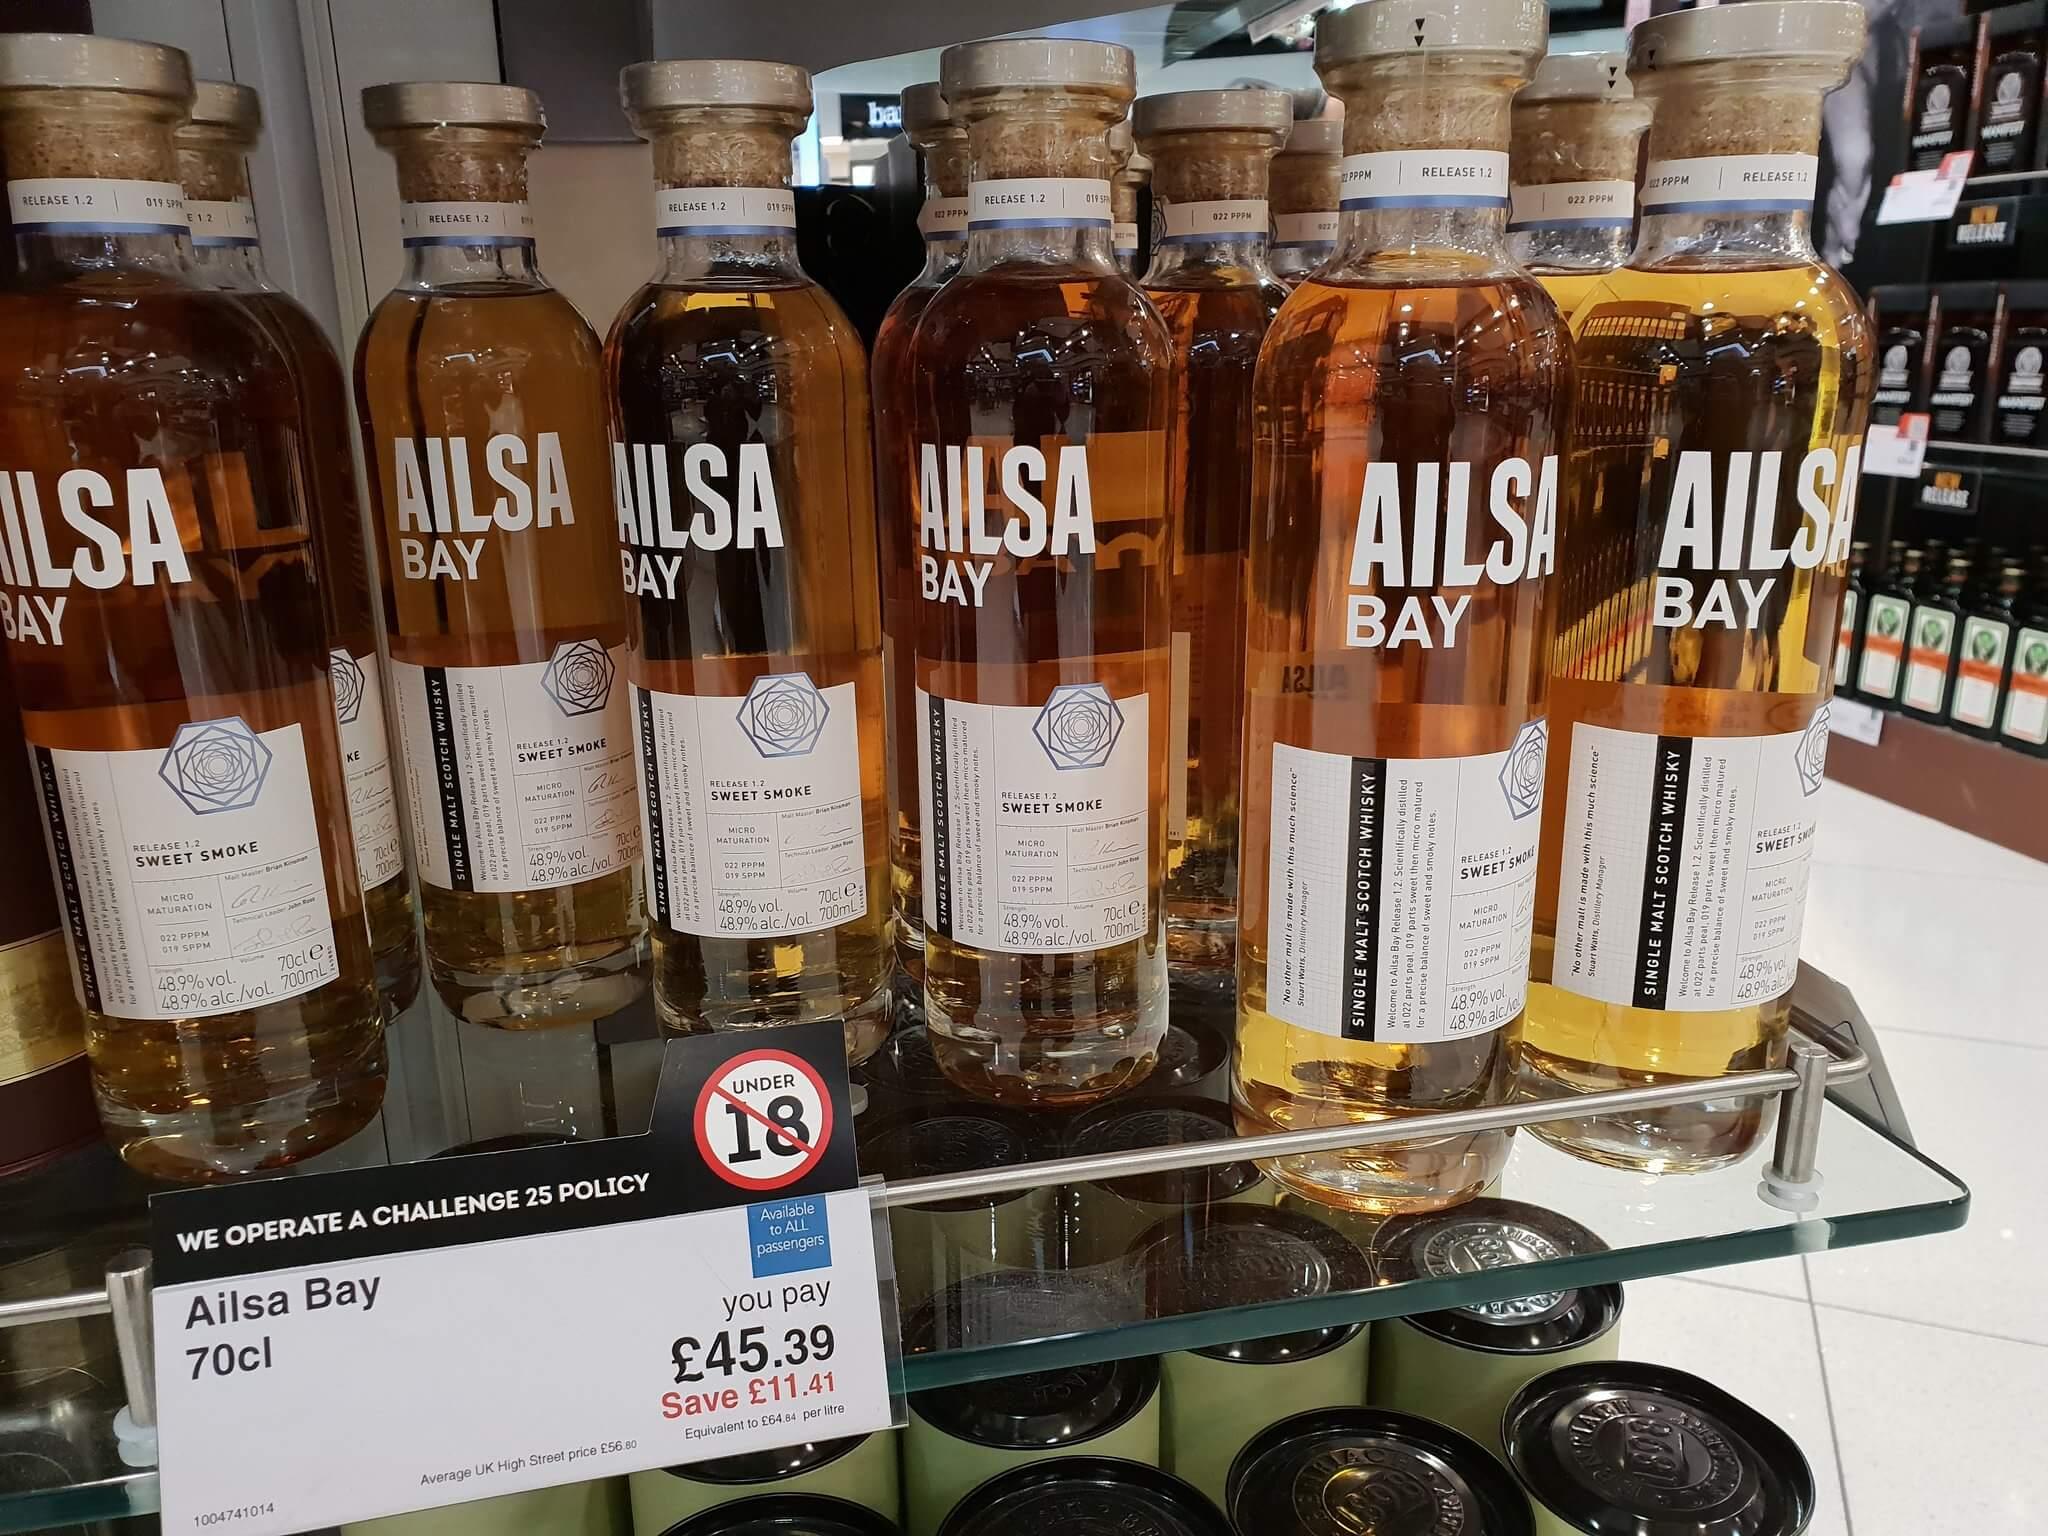 AilsaBay_market_bottles